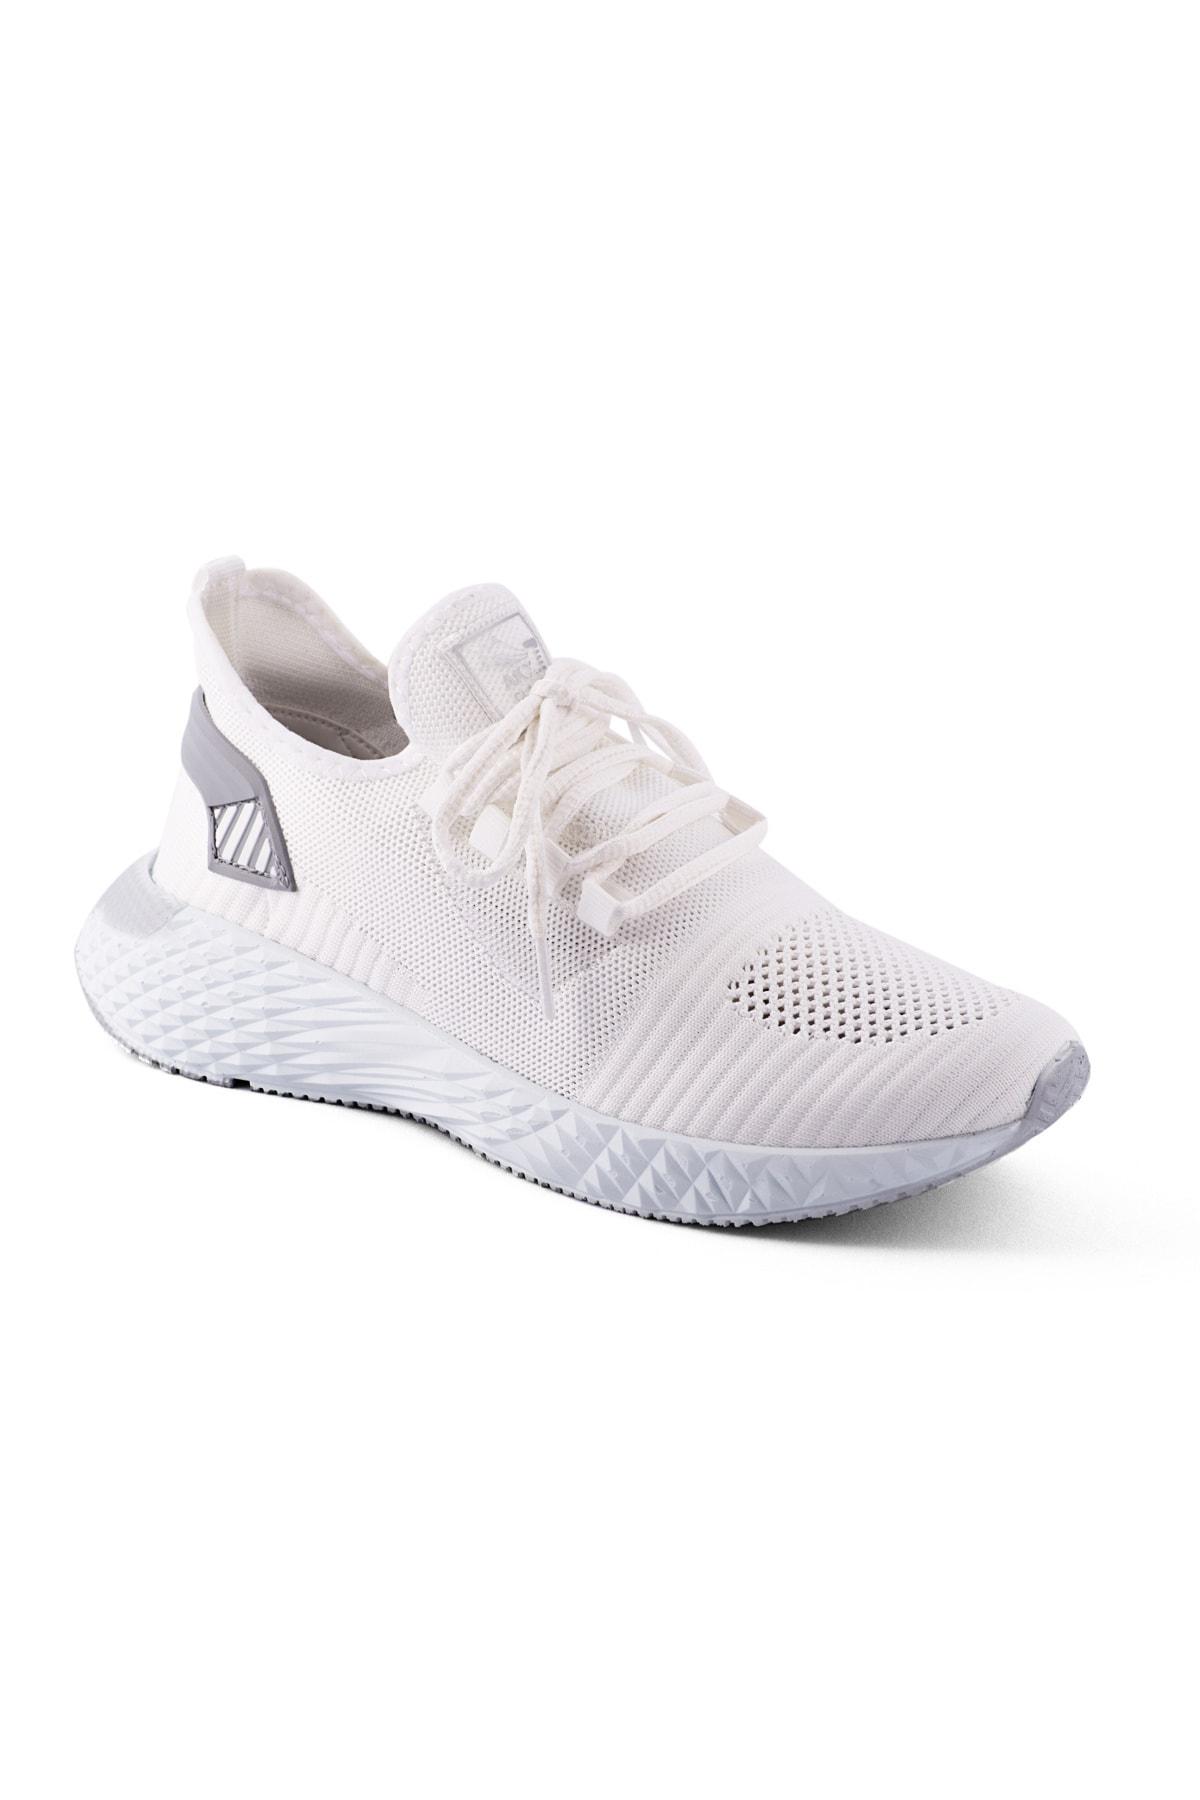 AKX 7 132 Beyaz Renk Beyaz Taban Erkek Spor Ayakkabı 1